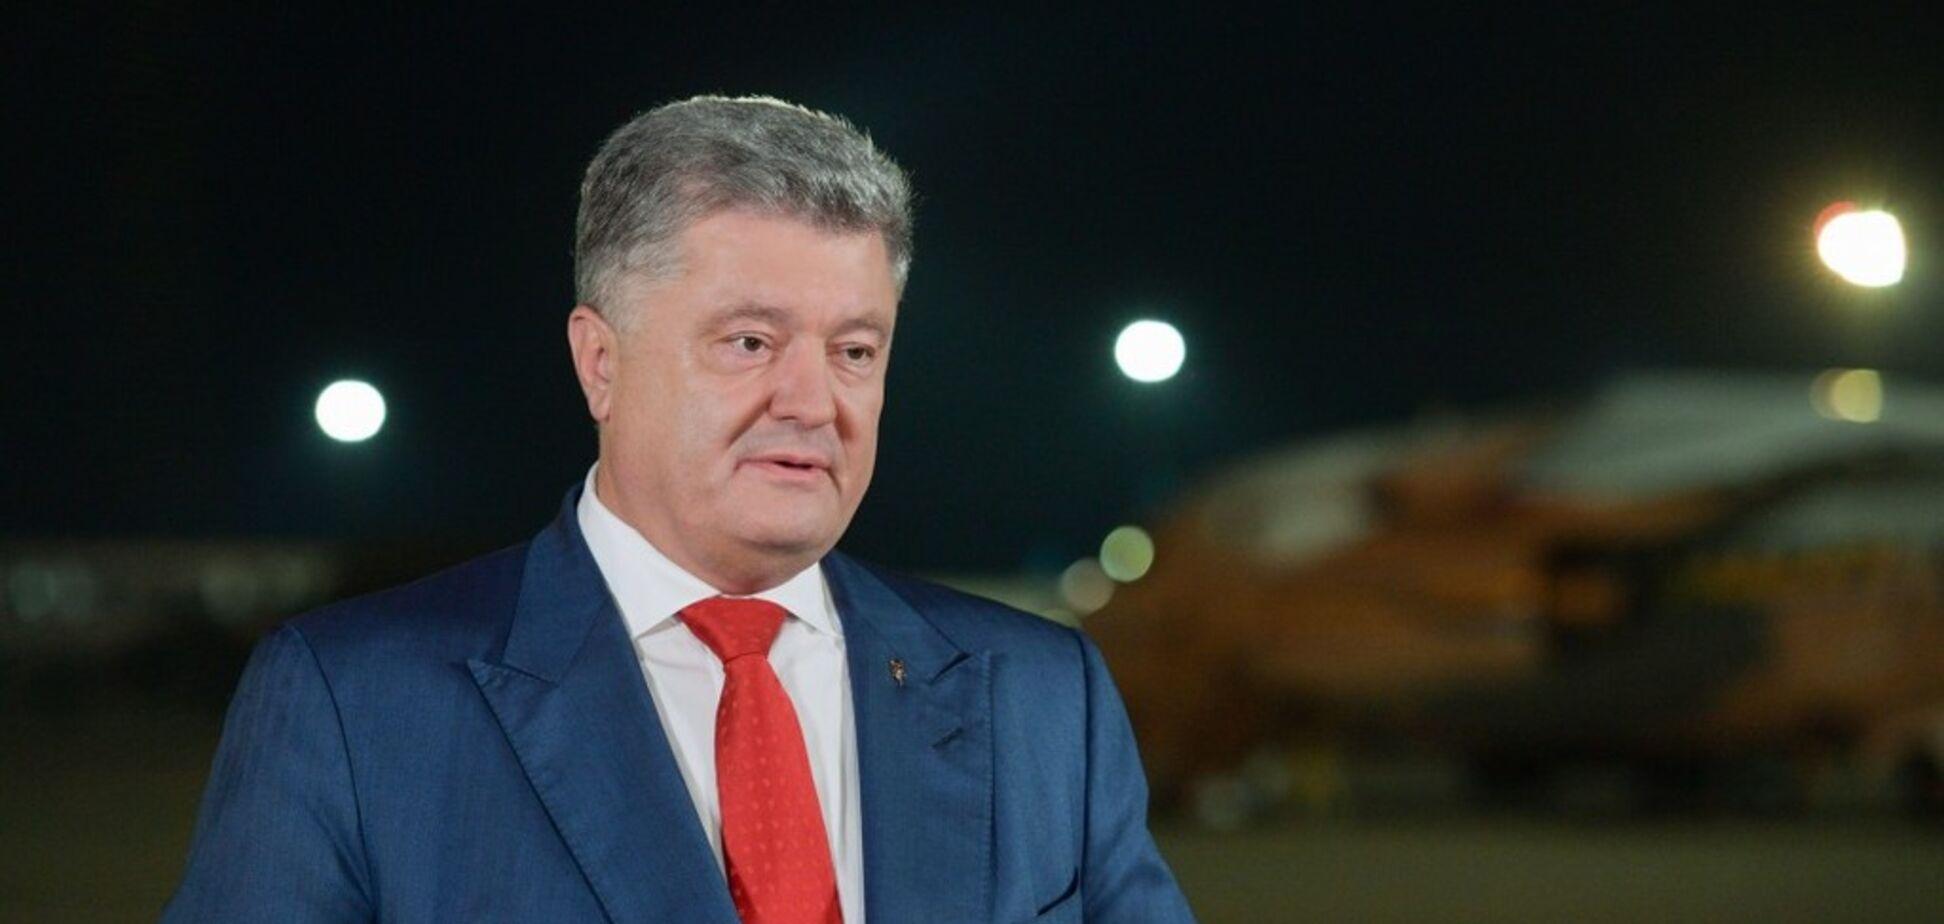 Украина получила автокефалию: Порошенко заявил о падении Третьего Рима